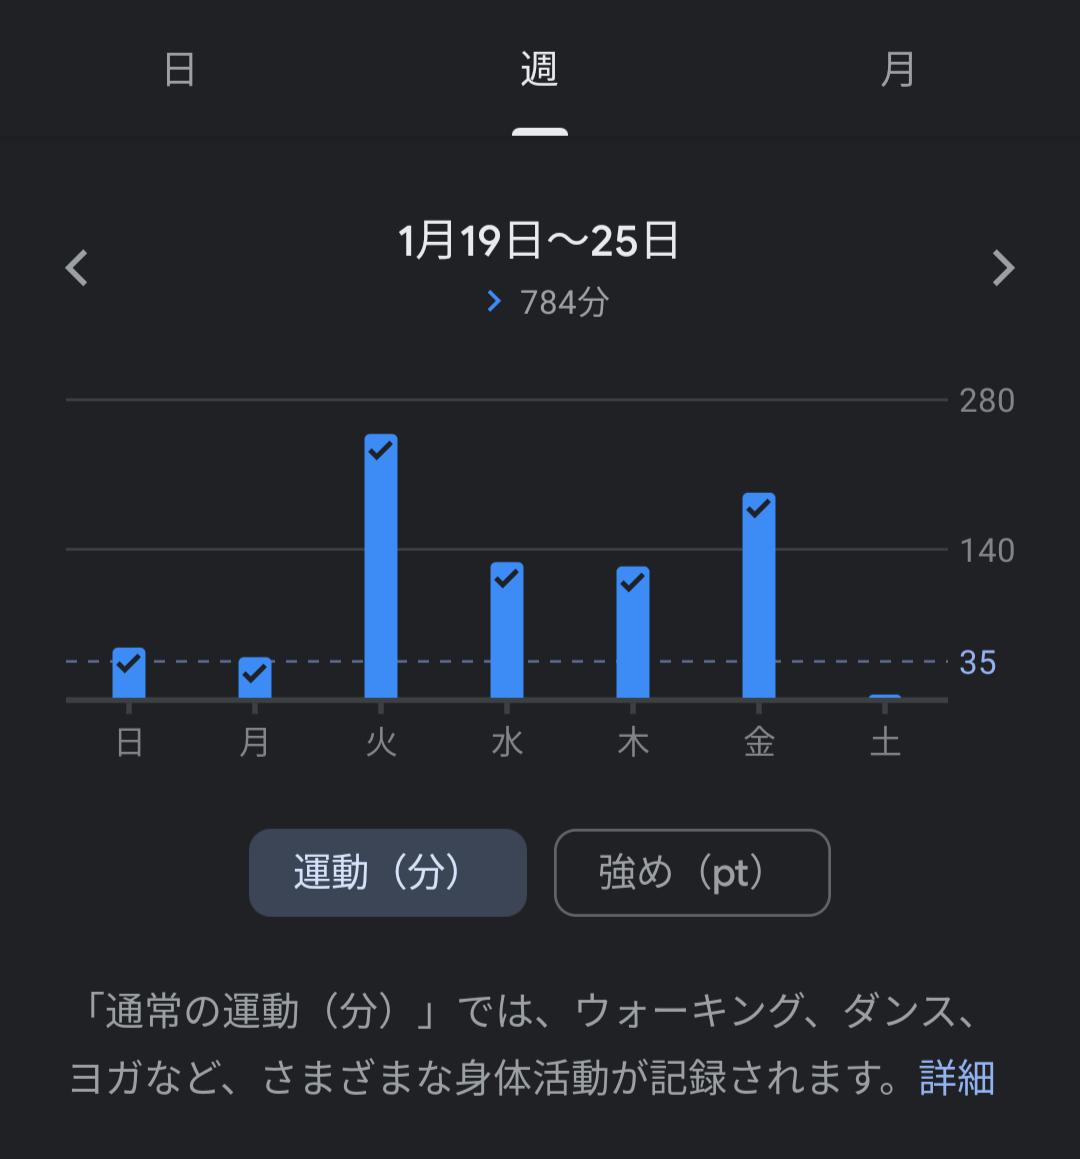 Screenshot_20200126-011008.png (102.5 kB)